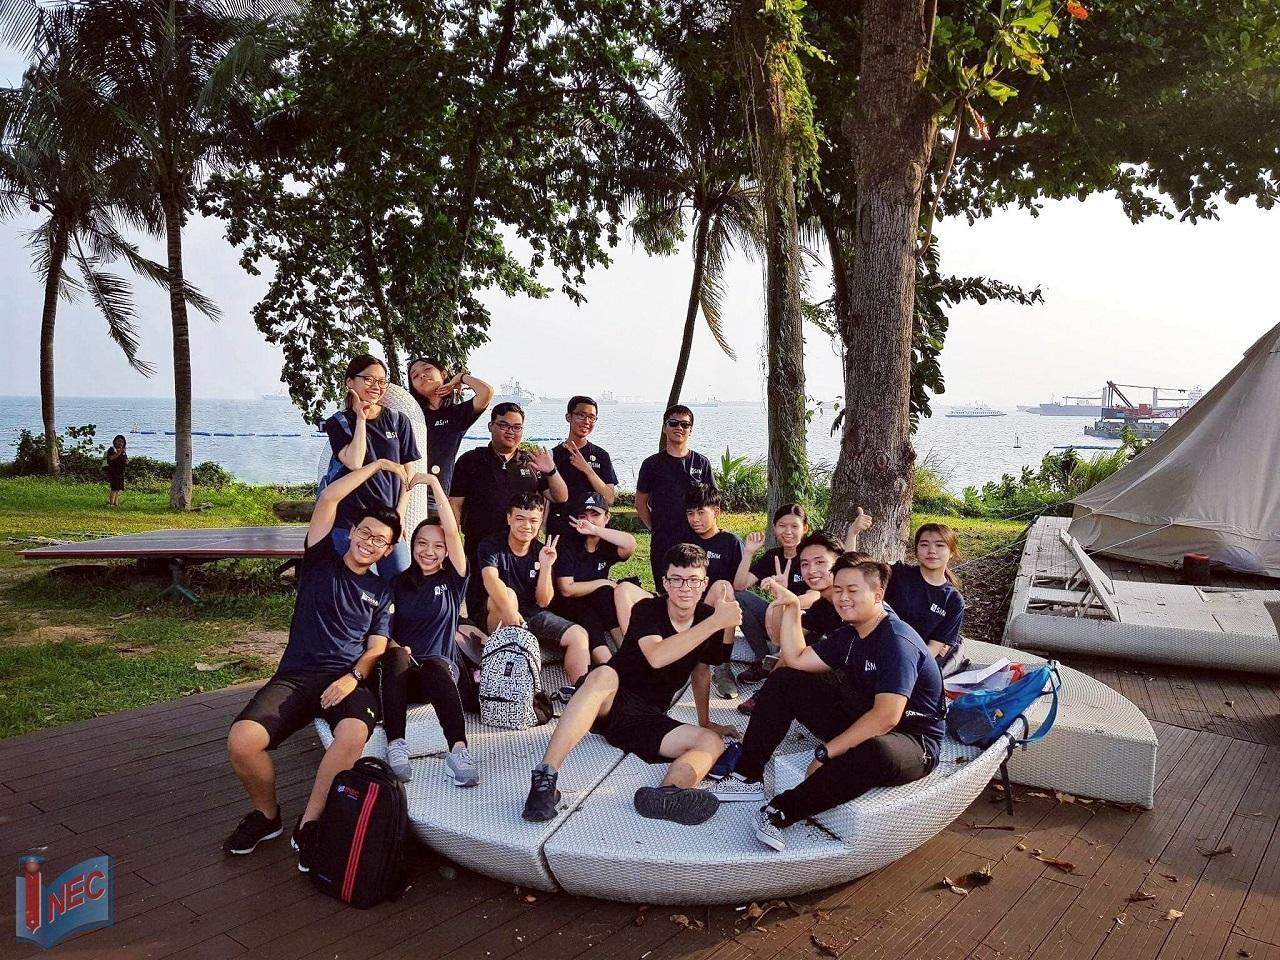 Hãy cùng SIM Study Tour trải nghiệm môi trường học tập đỉnh cao và cuộc sống hiện đại tại Singapore nhé